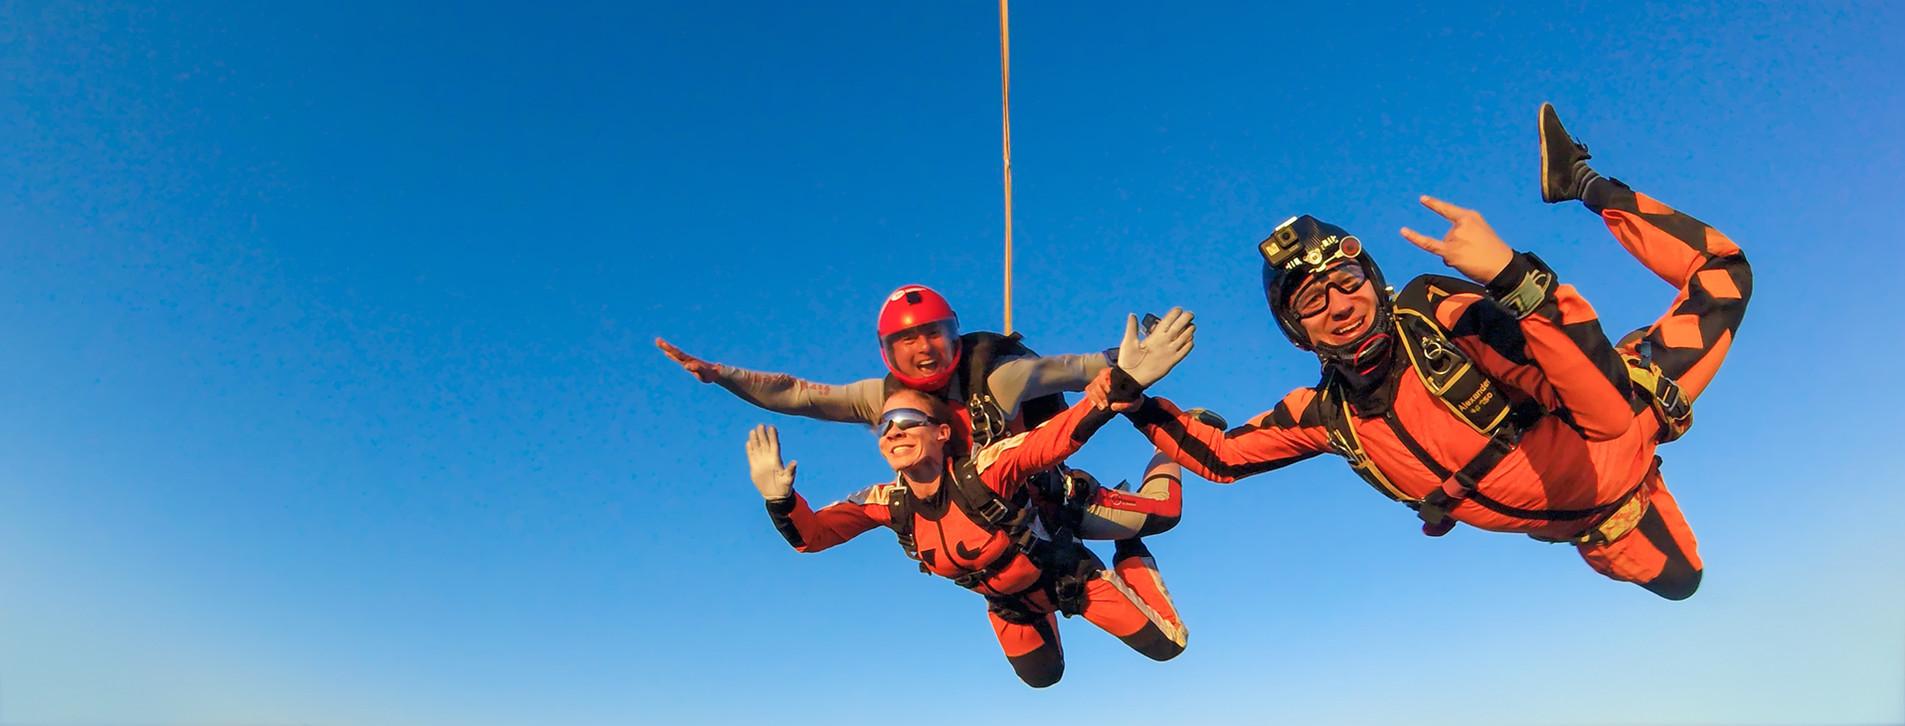 Фото - Прыжок с парашютом в тандеме с видео для двоих